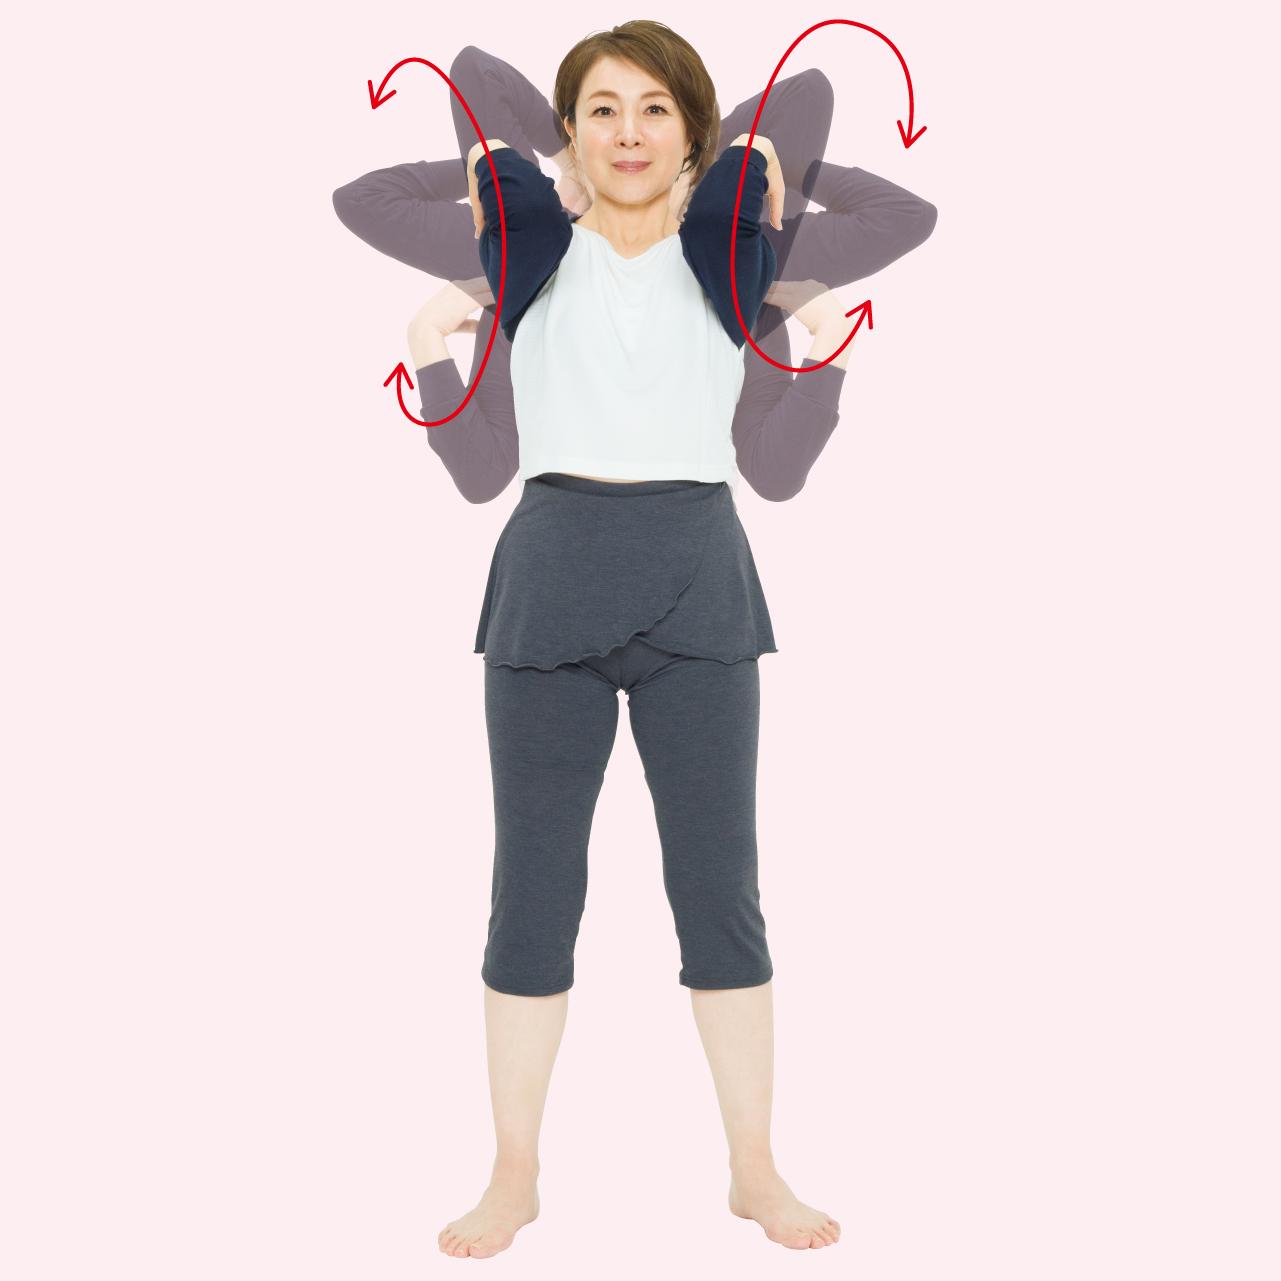 肩に手を置き、ぐるぐると回して肩甲骨をほぐす動作